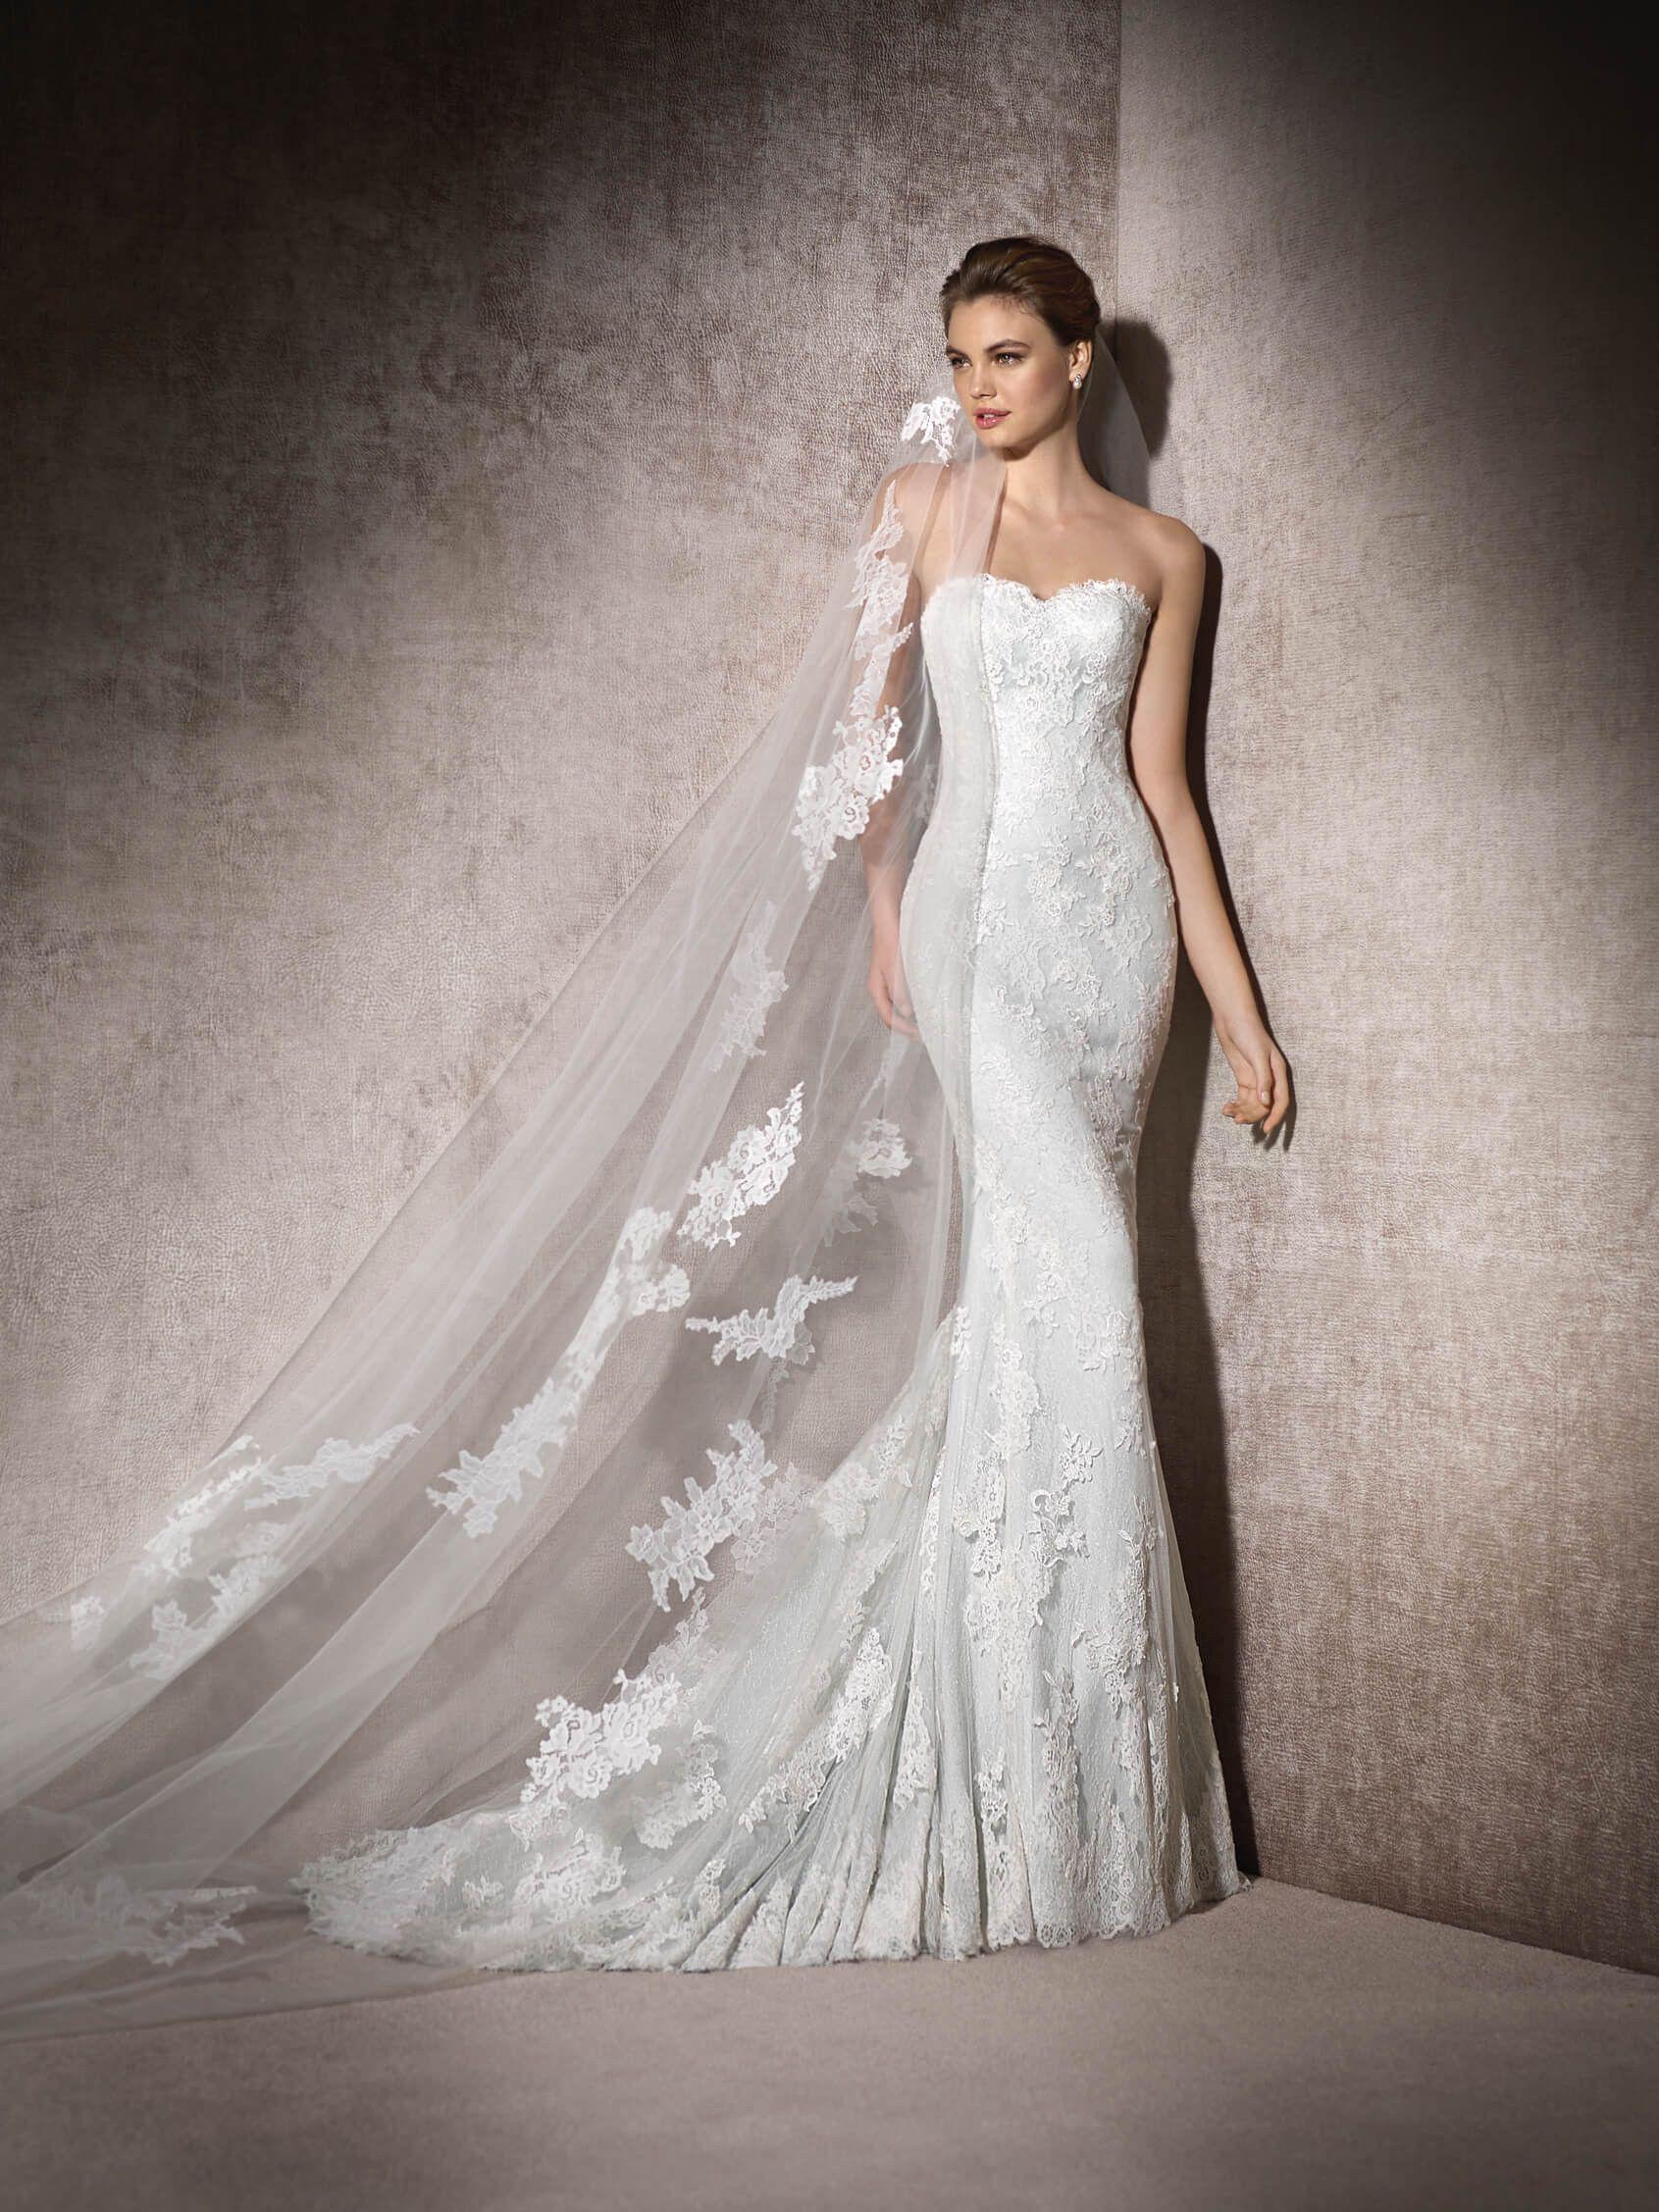 Brautkleid Meerjungfrau Malasia | Wedding - Brautkleid | Pinterest ...